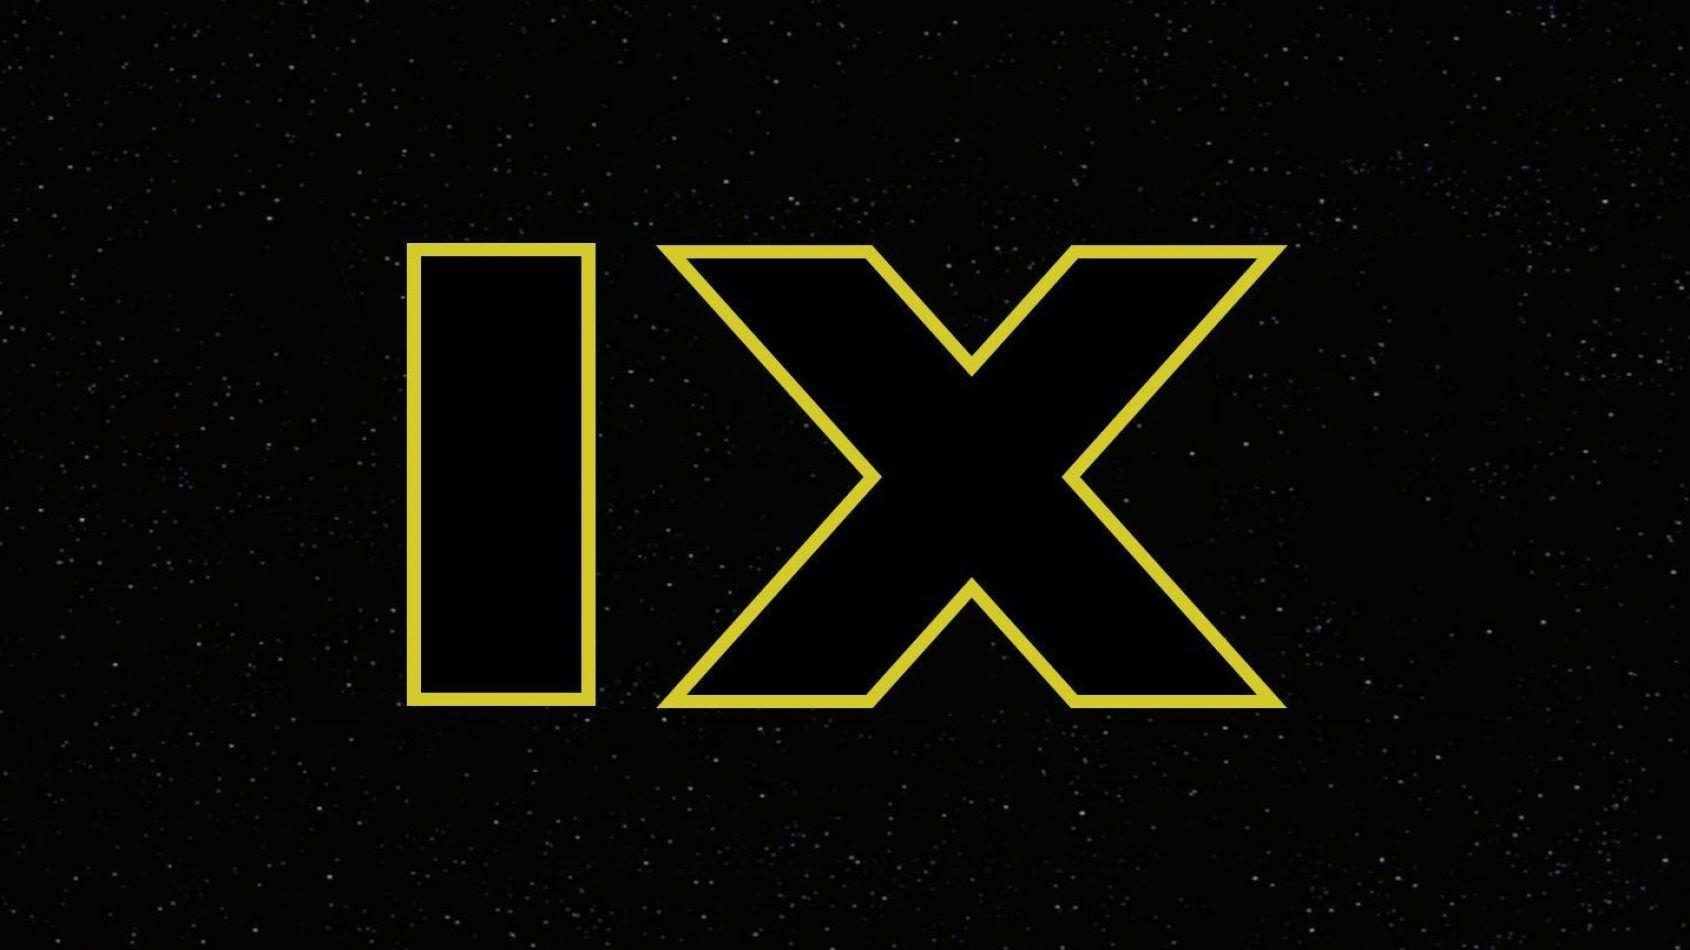 Une date de tournage pour Star Wars Episode IX